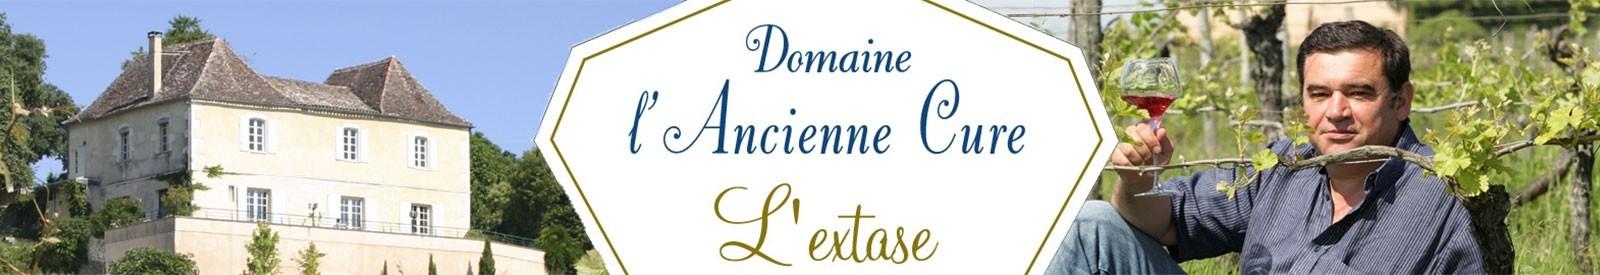 Domaine de l'Ancienne Cure - Bergerac – Vin Bio